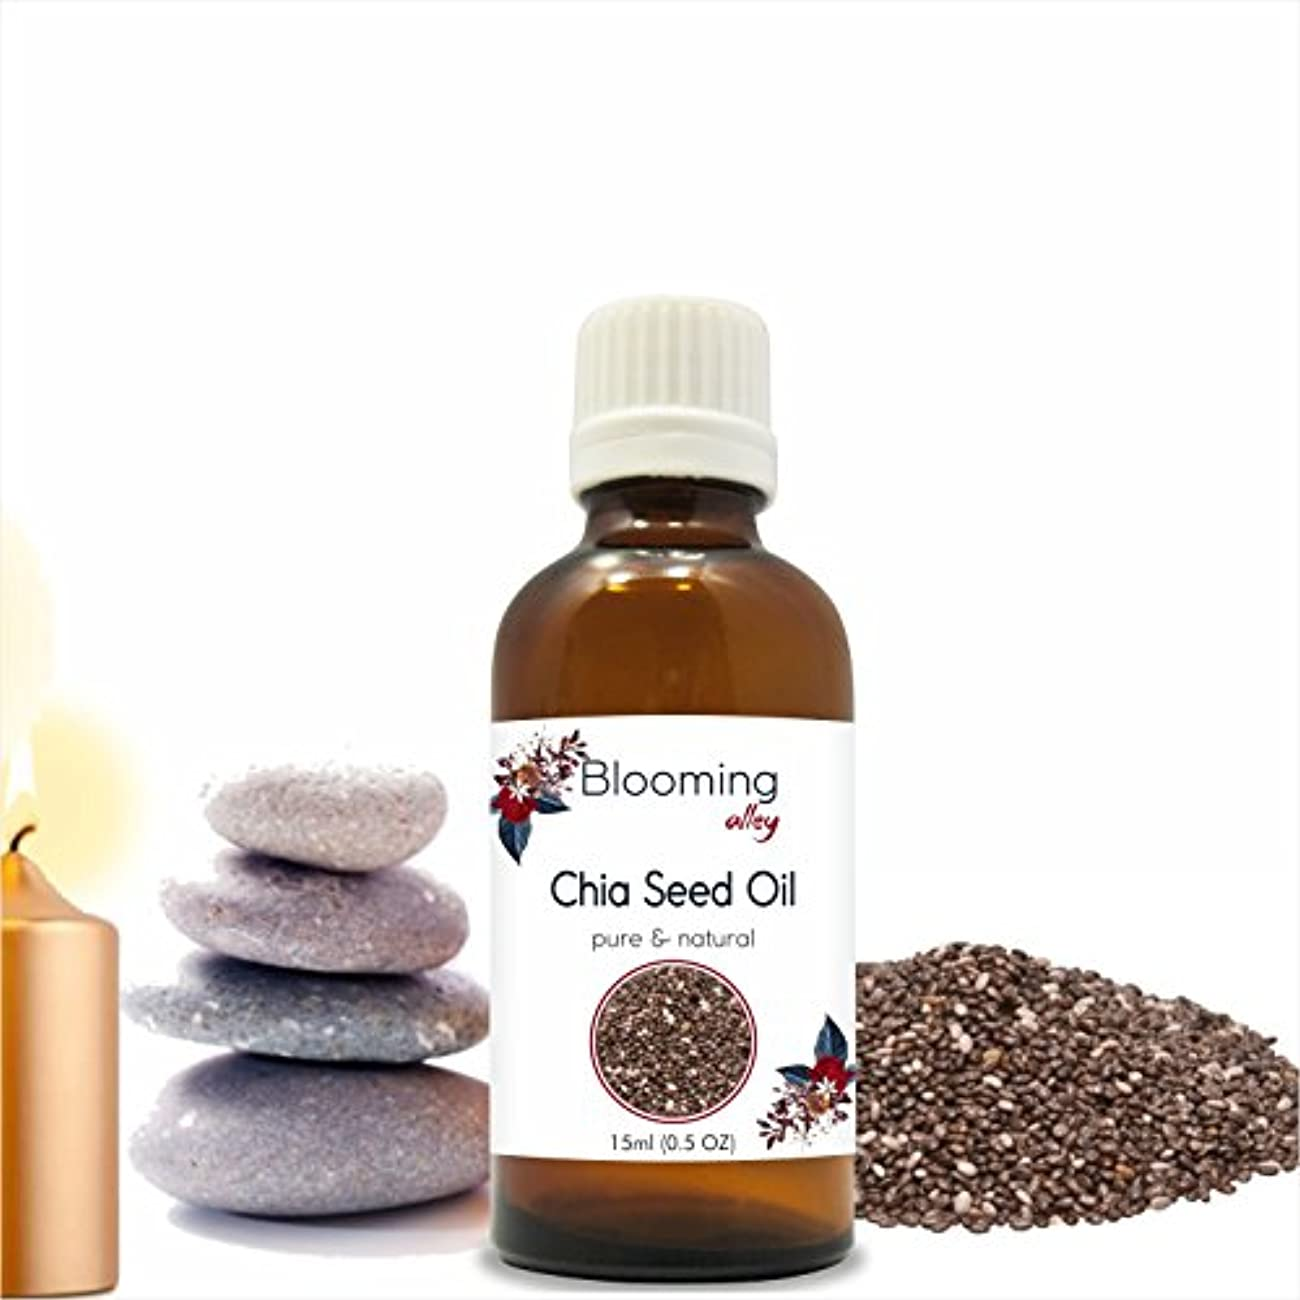 式鋼接ぎ木Chiaseed Oil(Blooming Alley Hispanica) 15 ml or .50 Fl Oz by Blooming Alley